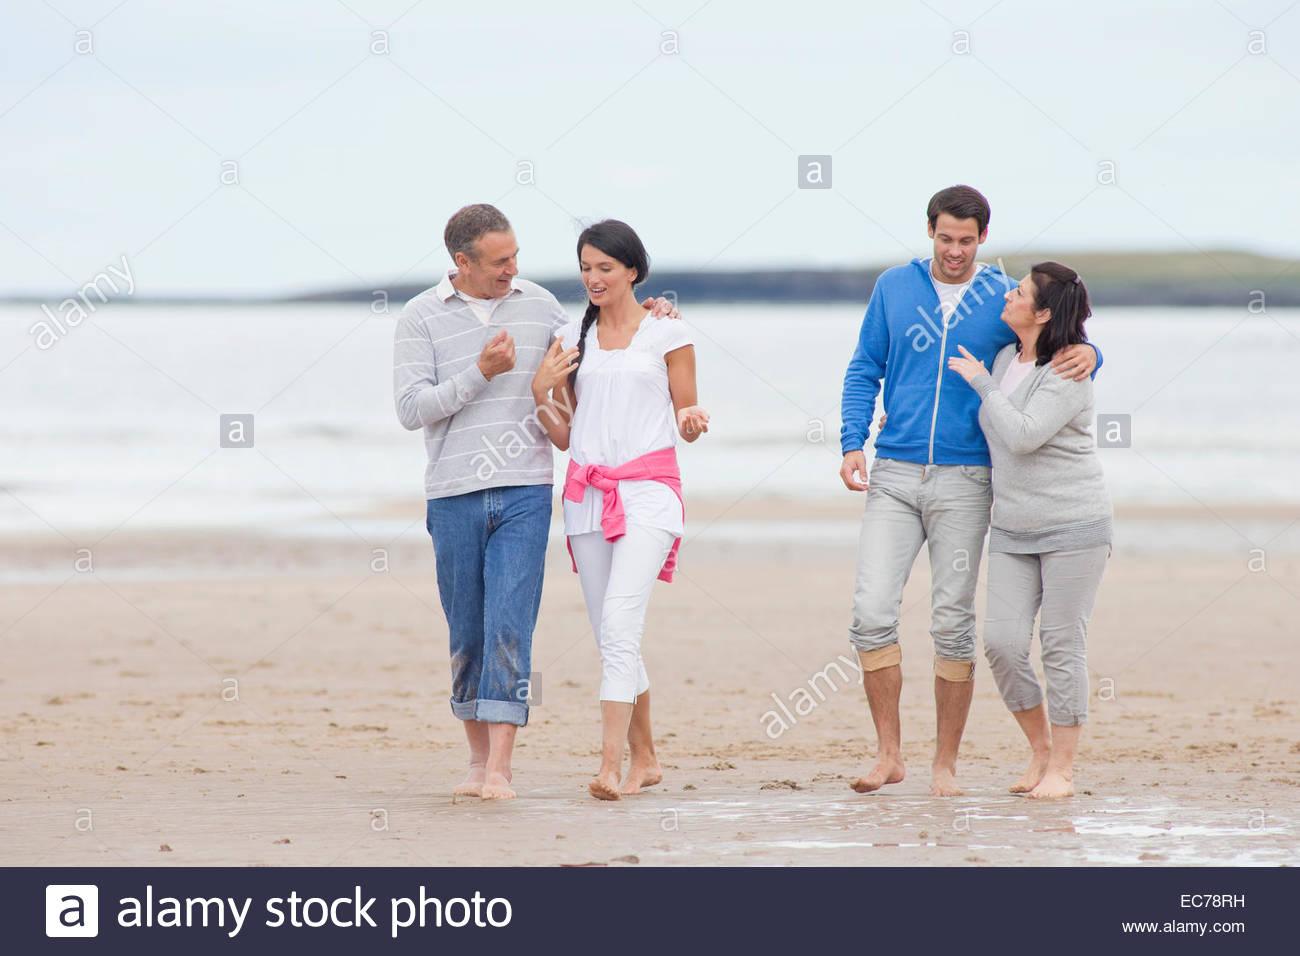 Ai genitori e ai figli maggiorenni a camminare insieme sulla spiaggia Immagini Stock